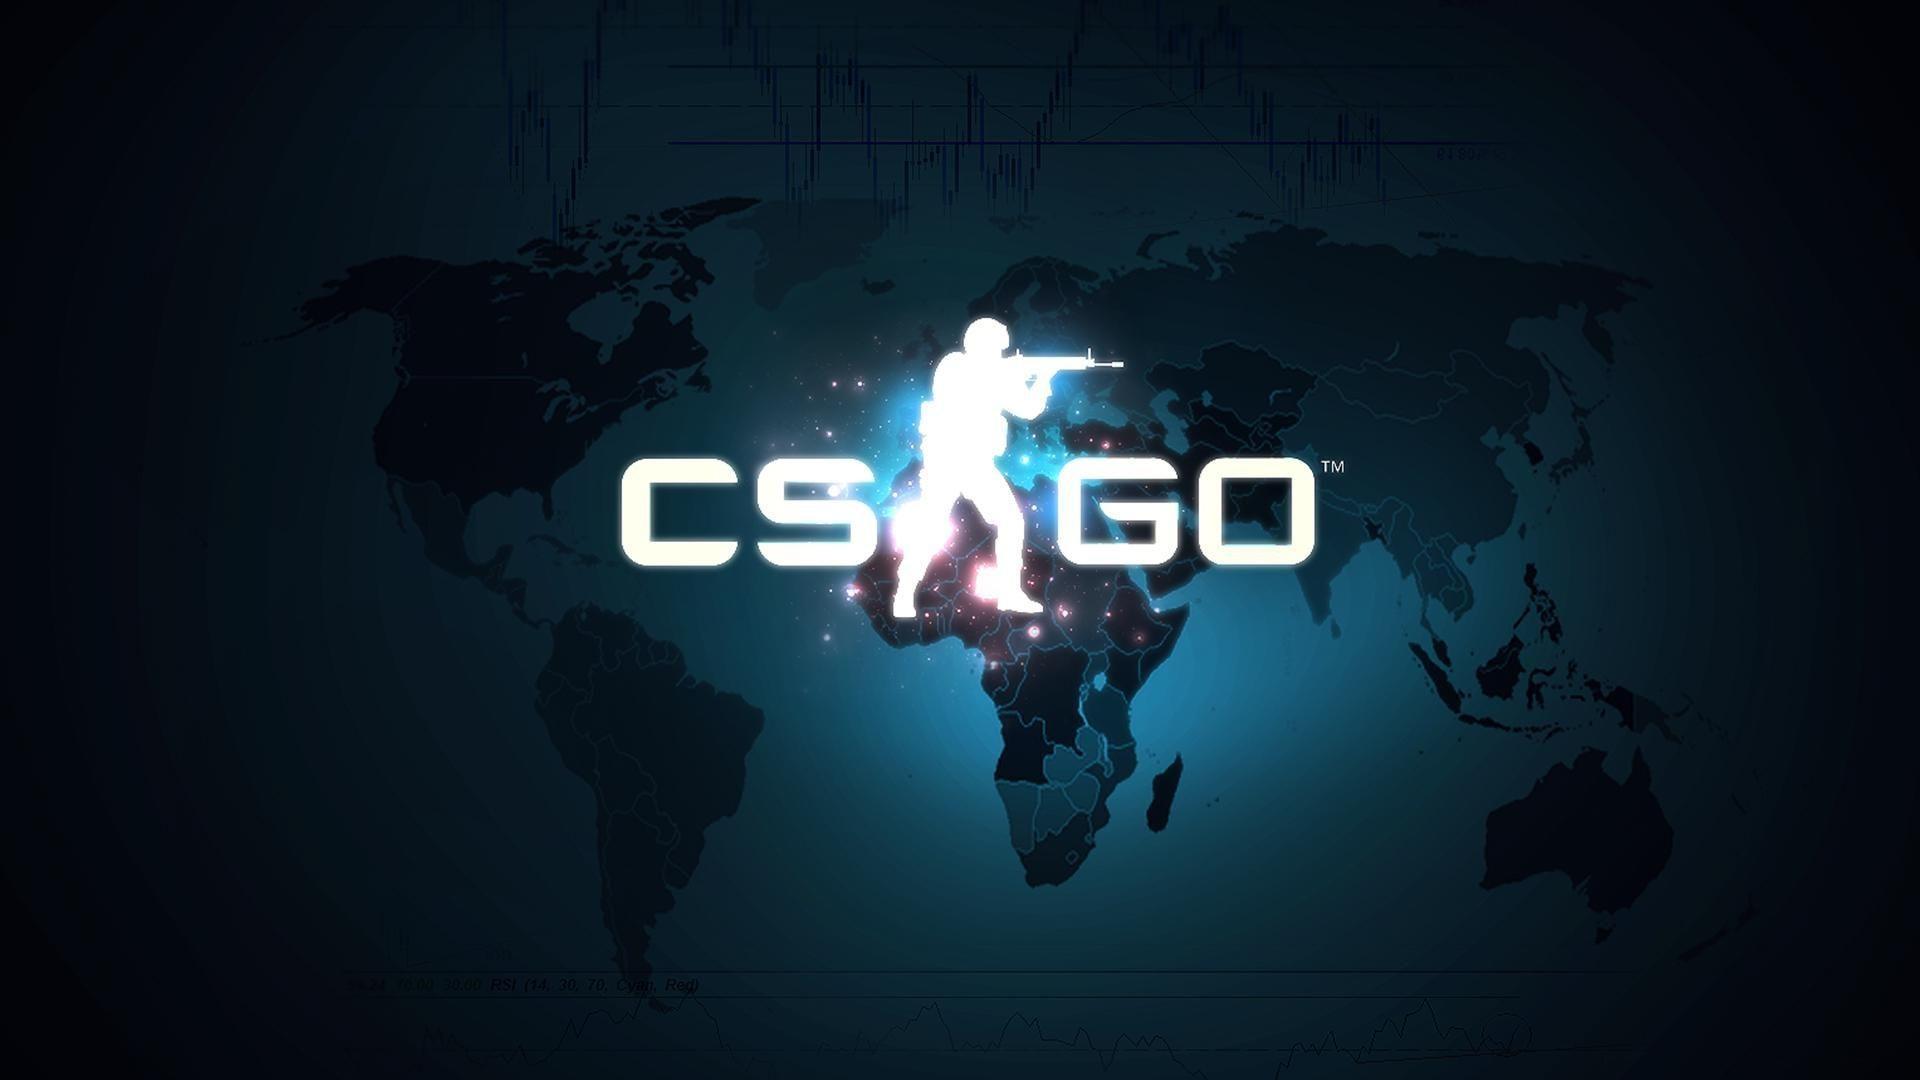 Csgo computer wallpaper